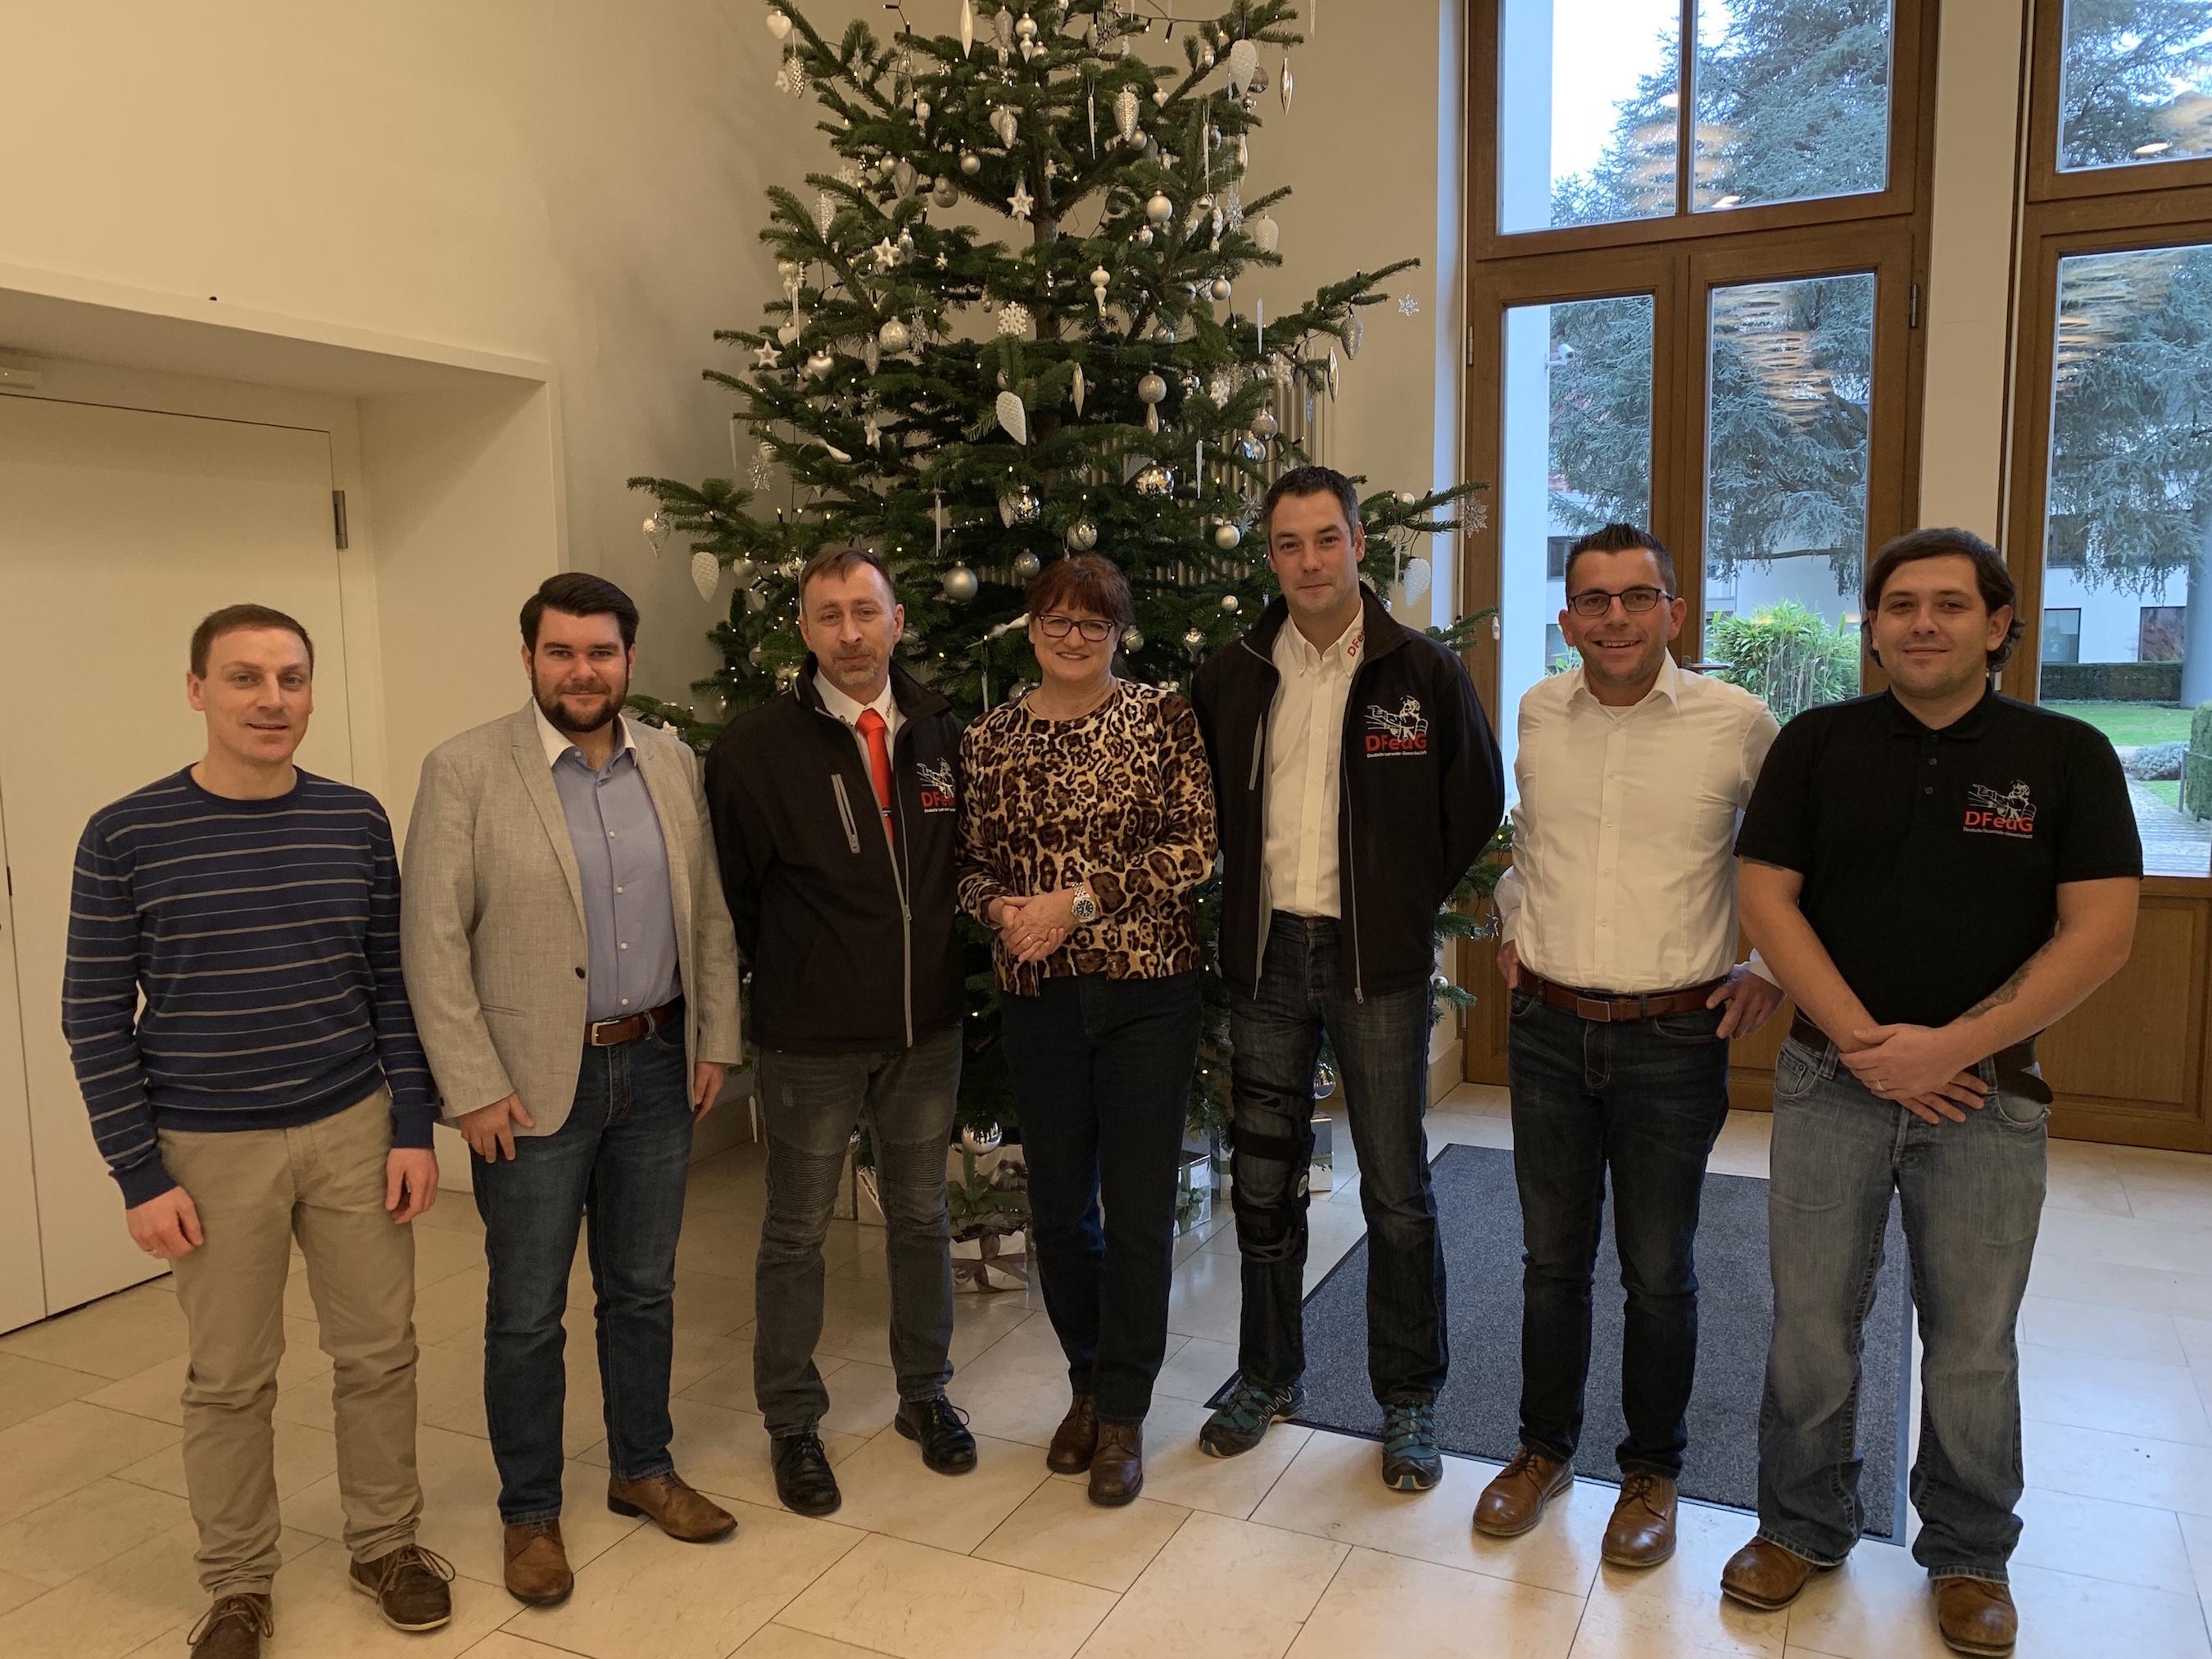 CDU Fraktion des Saarlandes: Deutsche Feuerwehrgewerkschaft besucht unsere Arbeitnehmergruppe